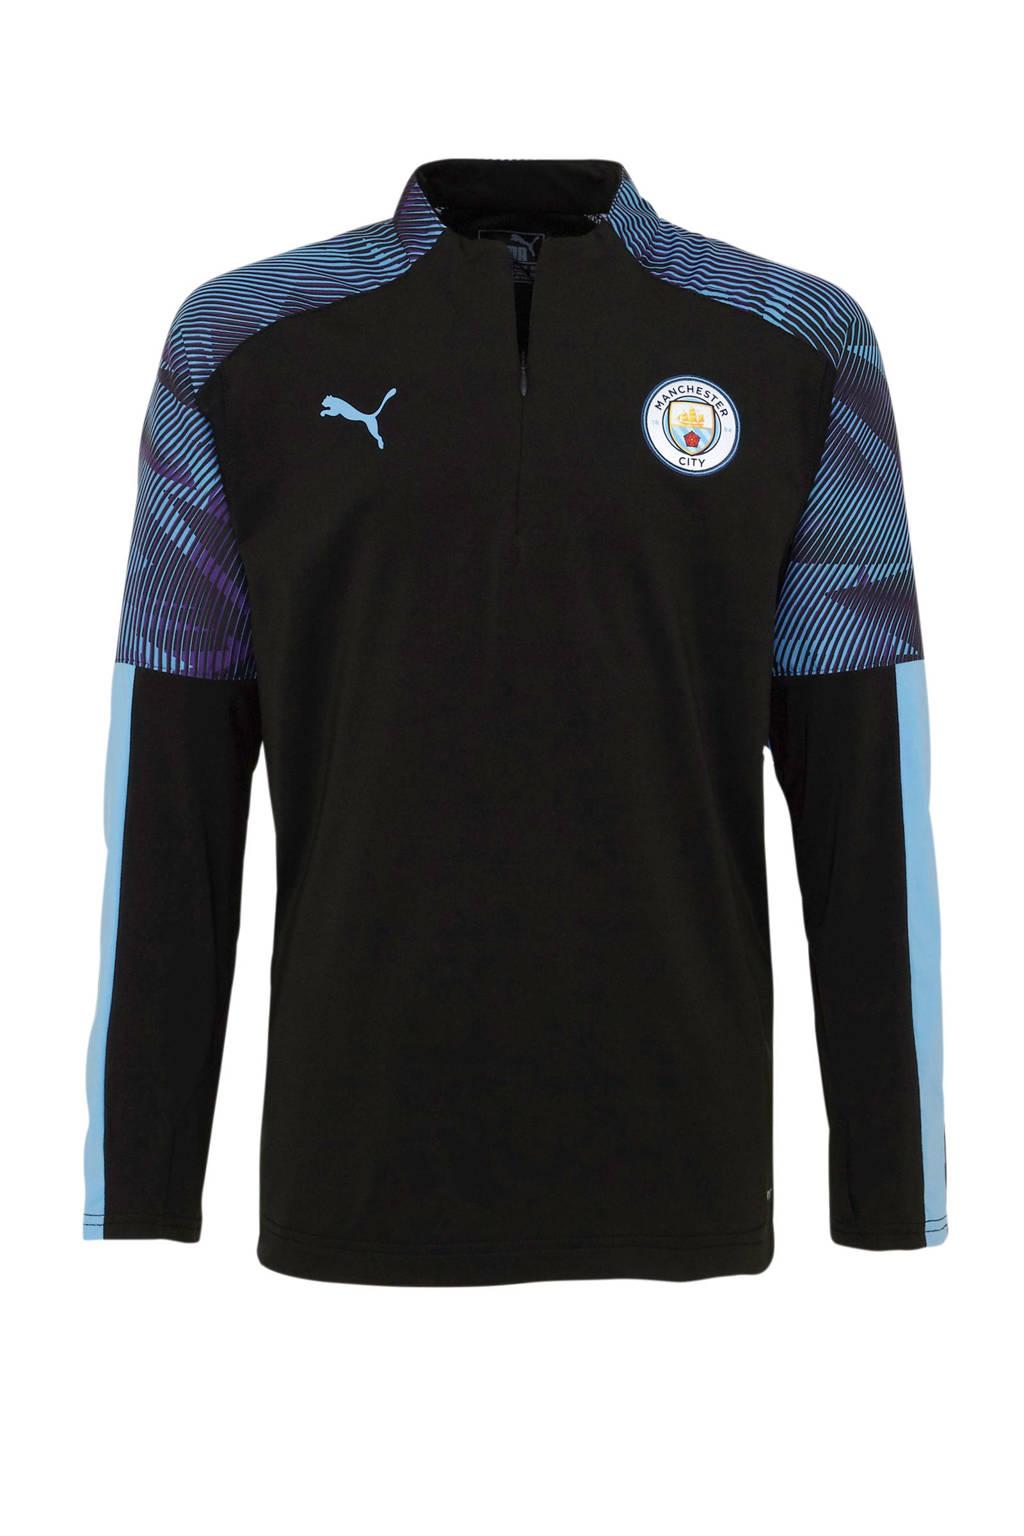 Puma Junior Manchester City voetbalshirt Training, Zwart/lichtblauw